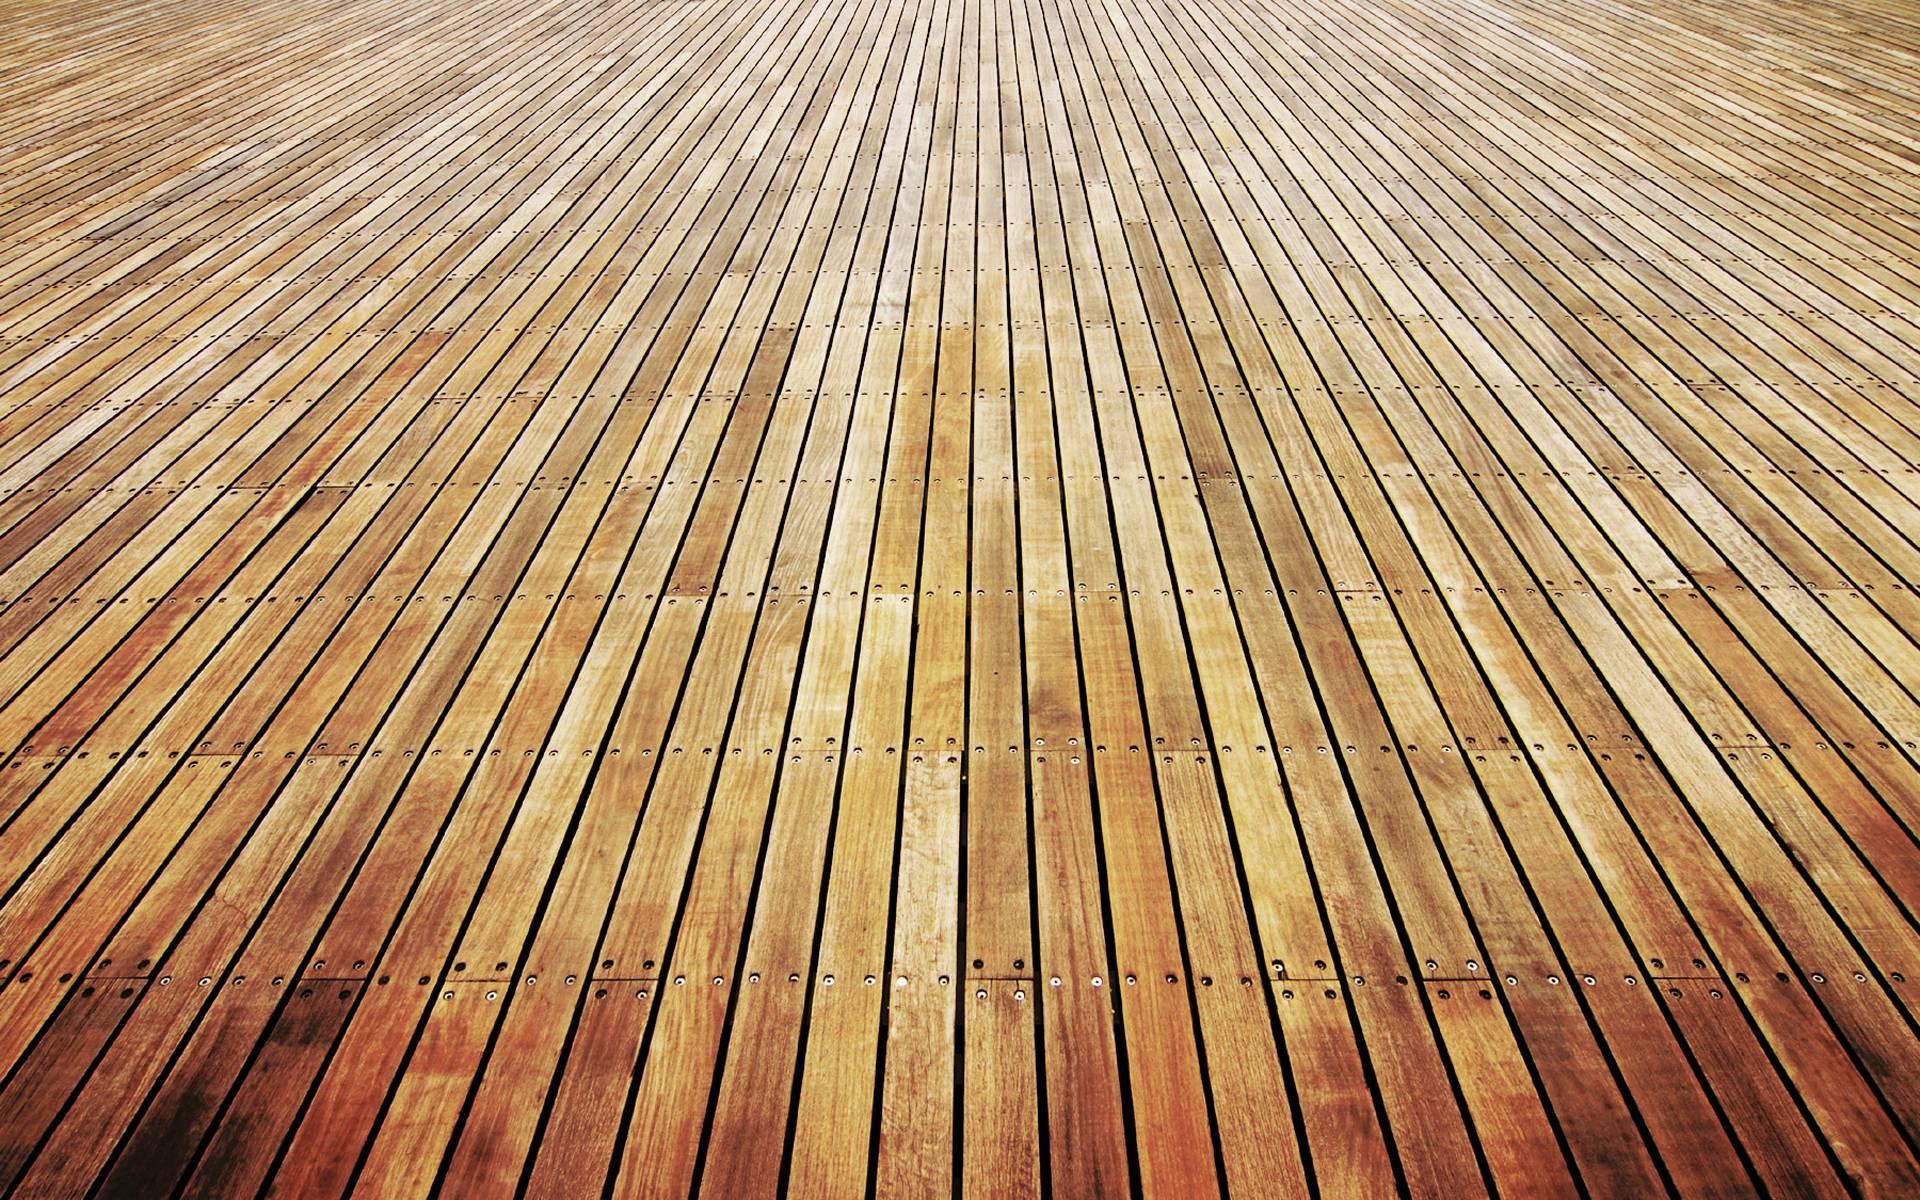 Texture Floor Wallpaper 1920x1200